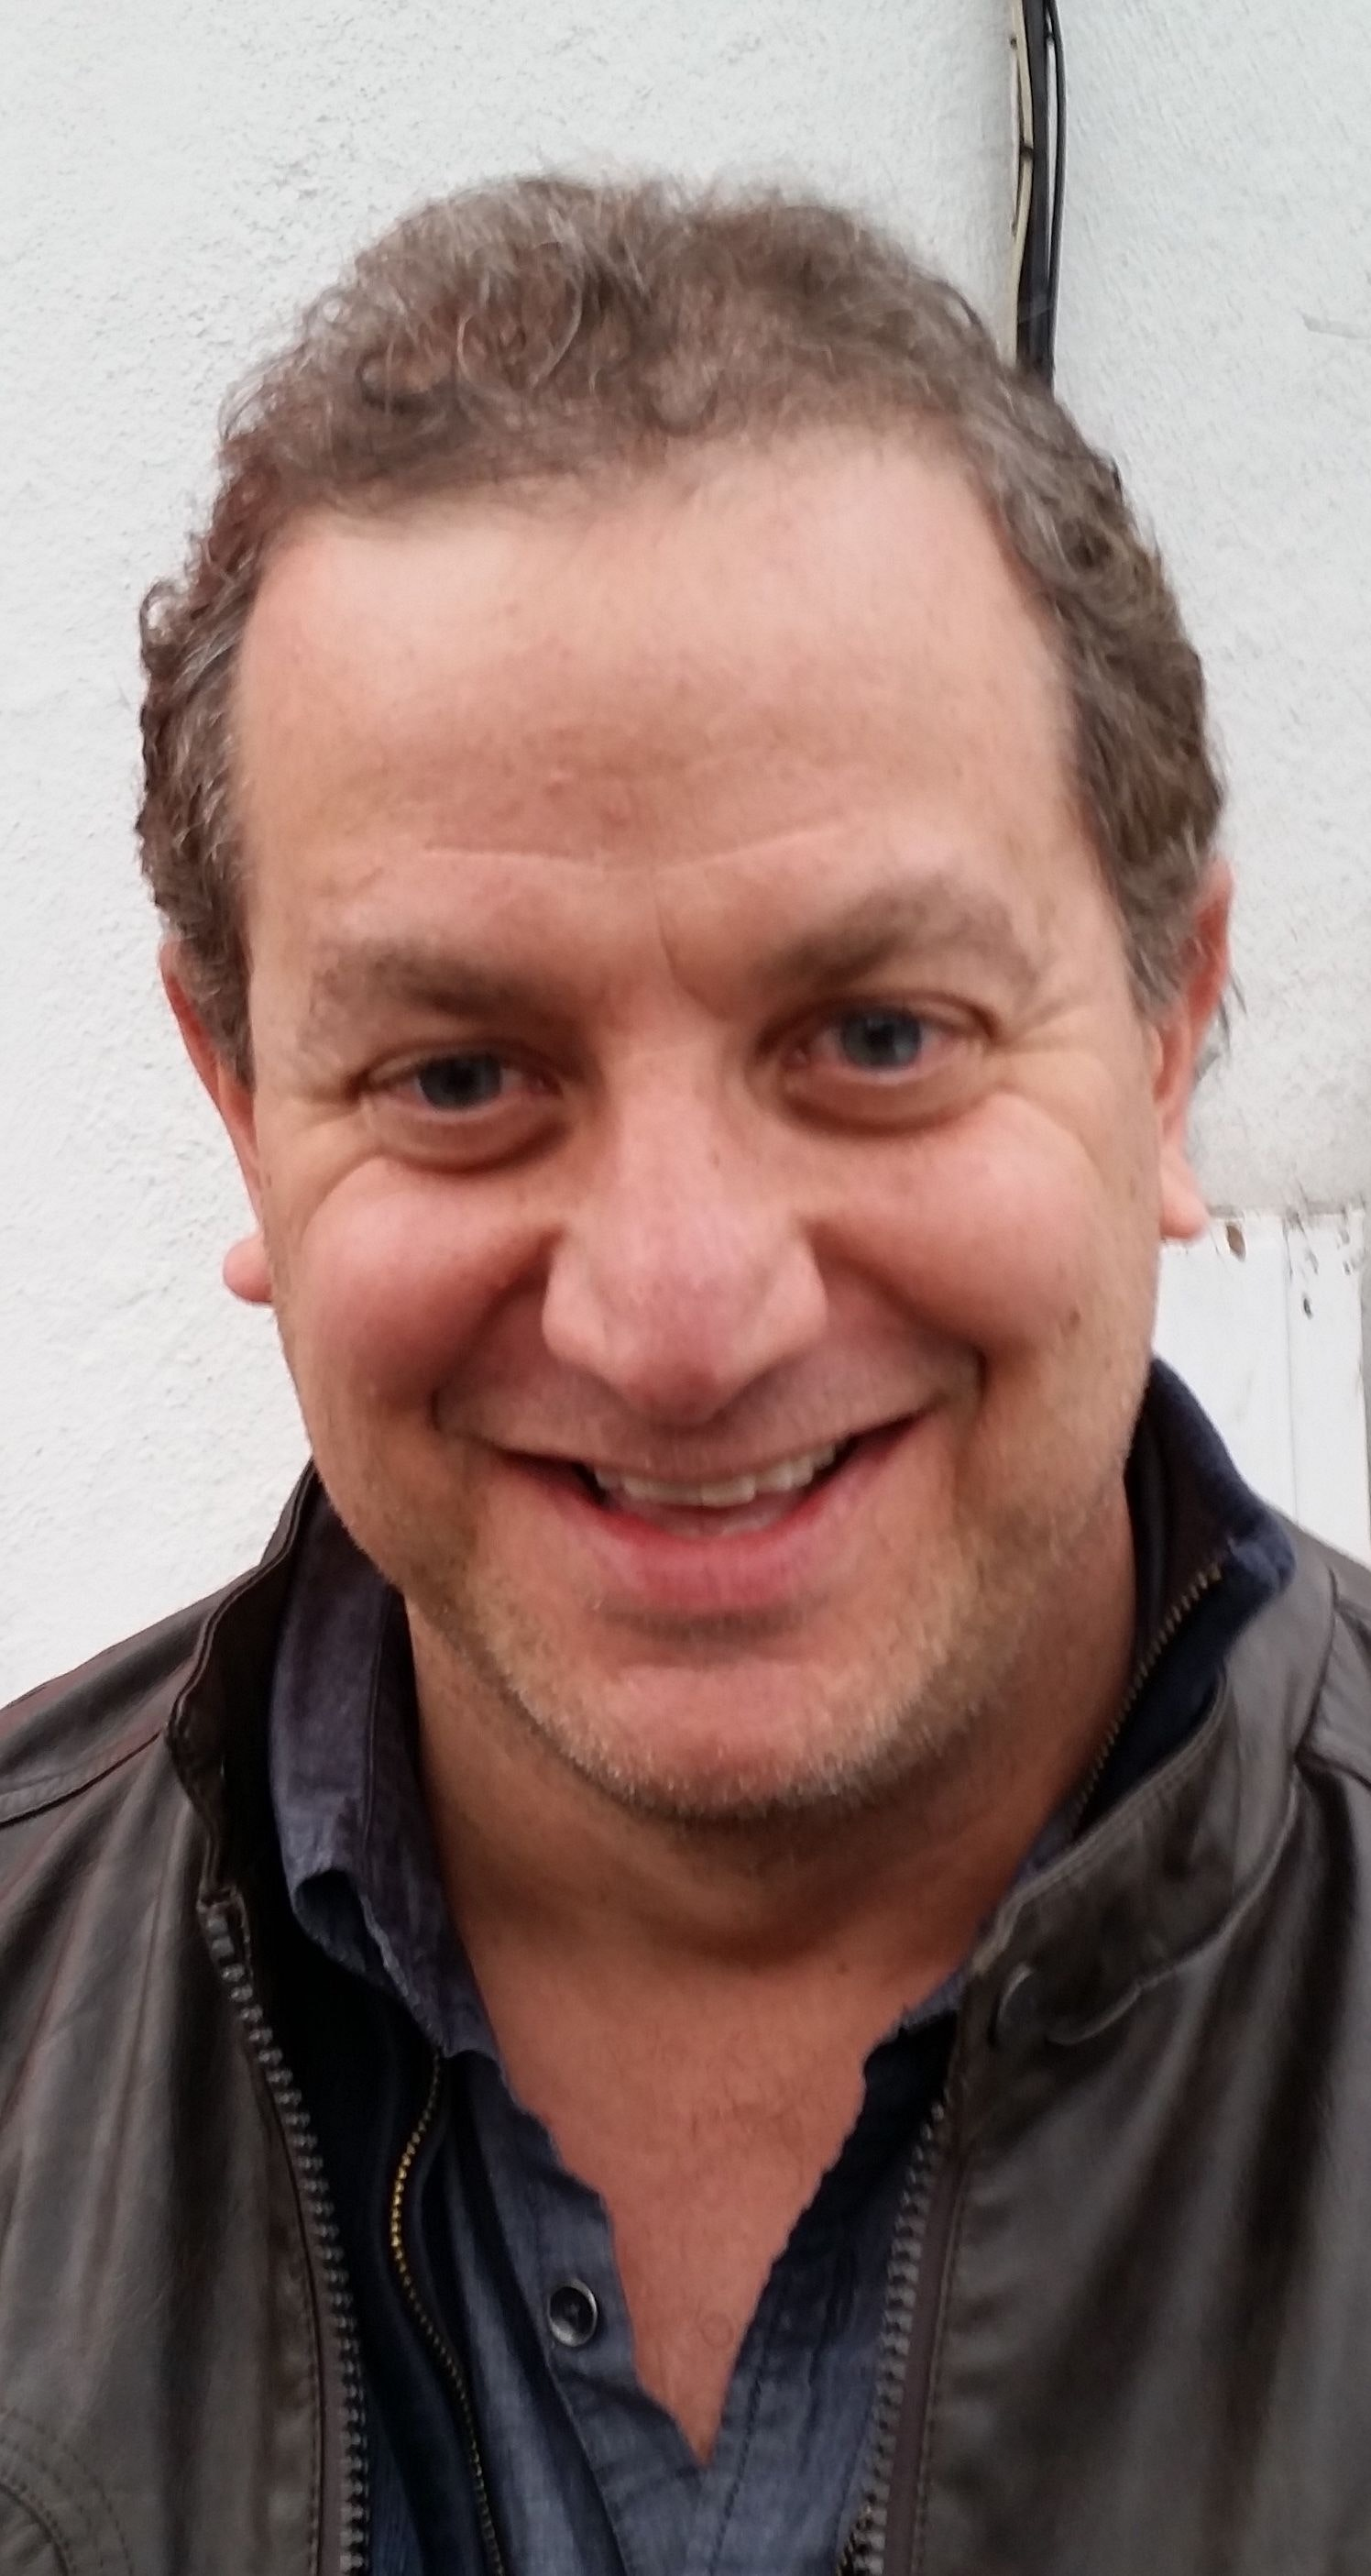 David M. Stern